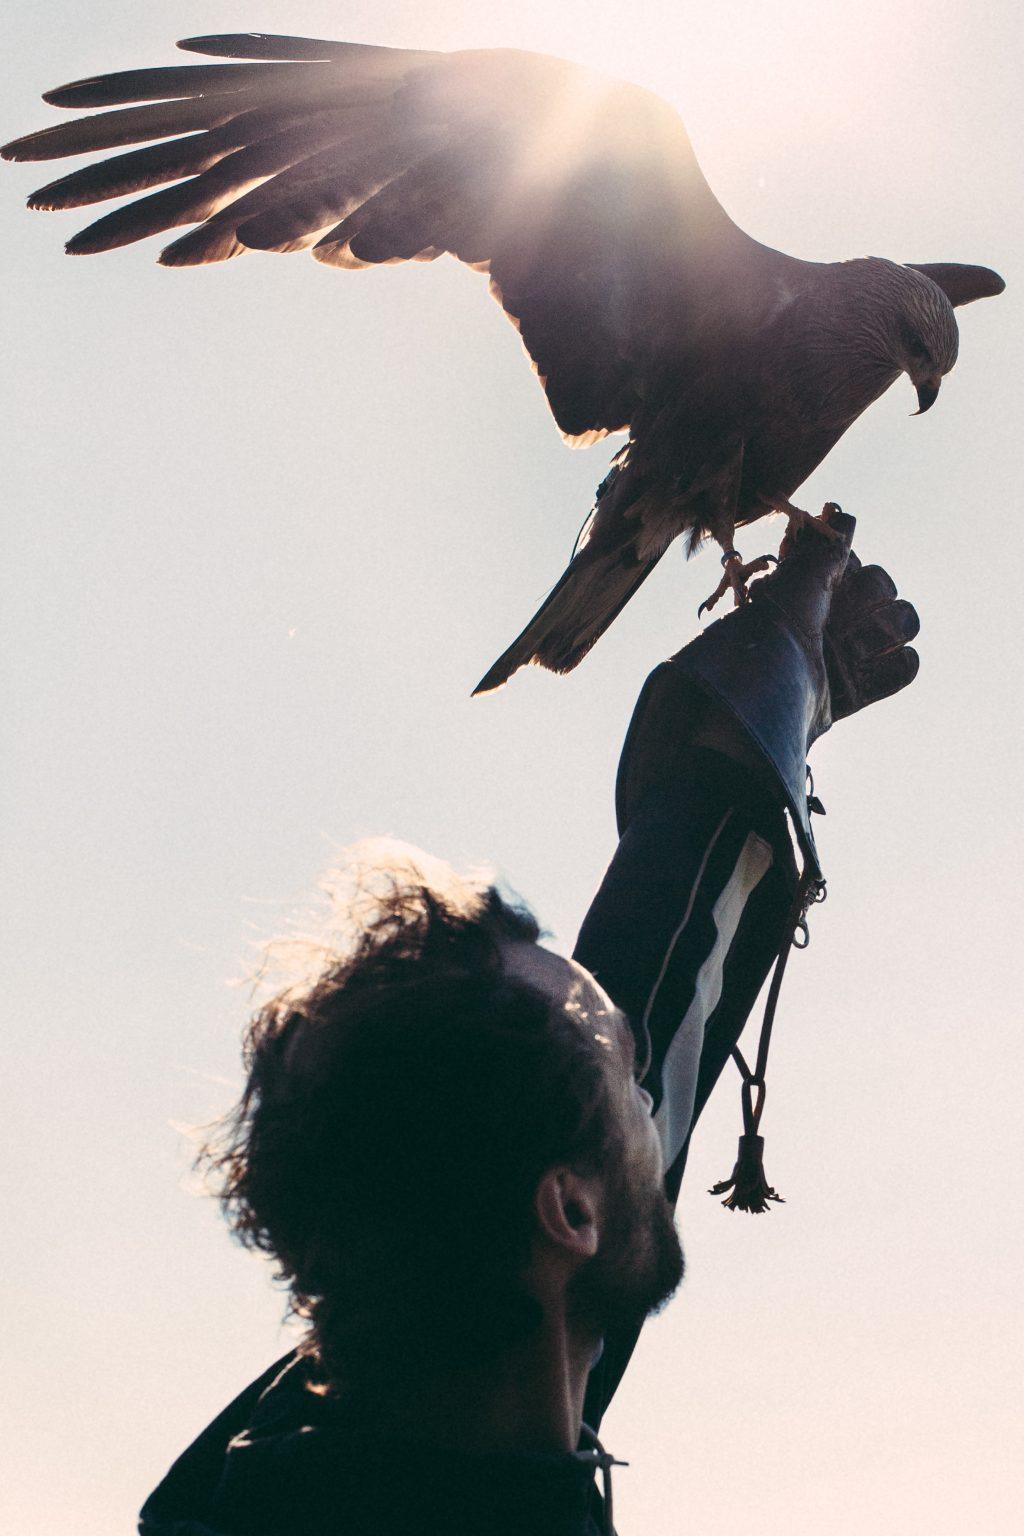 Bonneuil-Matours, France, May 2017 - La Maison Neuve. The black kite Elypse opens his wings to take the boost and fly out of Tristan Plot's glove. The legs are in no way connected to the glove, contrary to the falconers' tradition. >< Bonneuil-Matours, Francia, maggio 2017 - La Maison Neuve. Il nibbio nero Elypse apre le ali per prendere lo slancio e volare dal guanto di Tristan Plot. Le zampe non sono in alcun modo collegate al guanto, contrariamente alla tradizione dei falconieri.*** SPECIAL   FEE   APPLIES ***